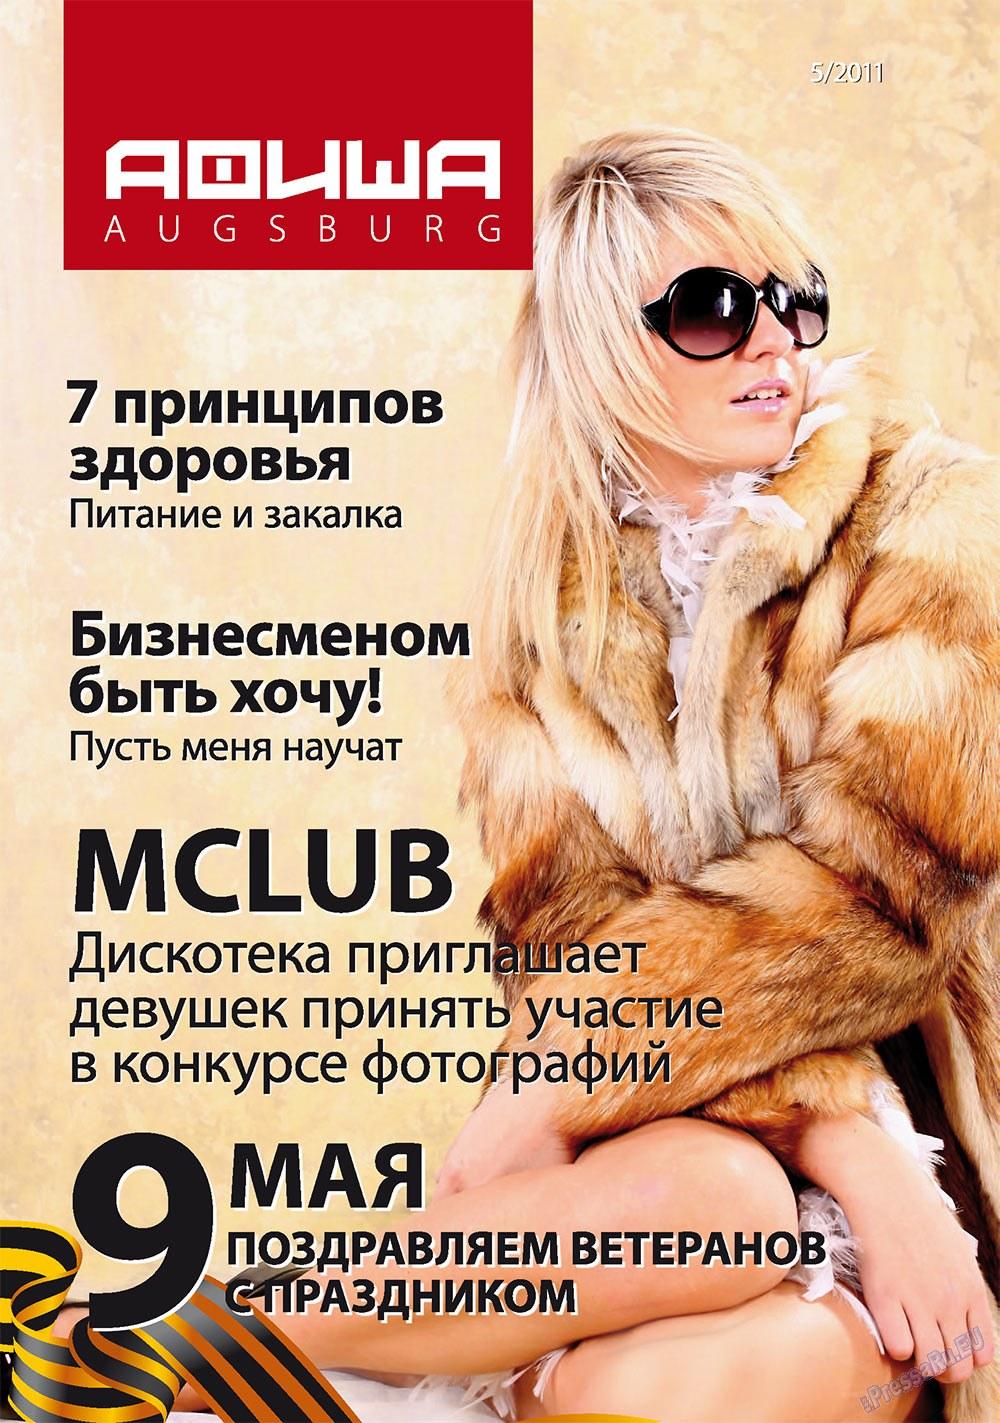 Афиша Augsburg (журнал). 2011 год, номер 5, стр. 1